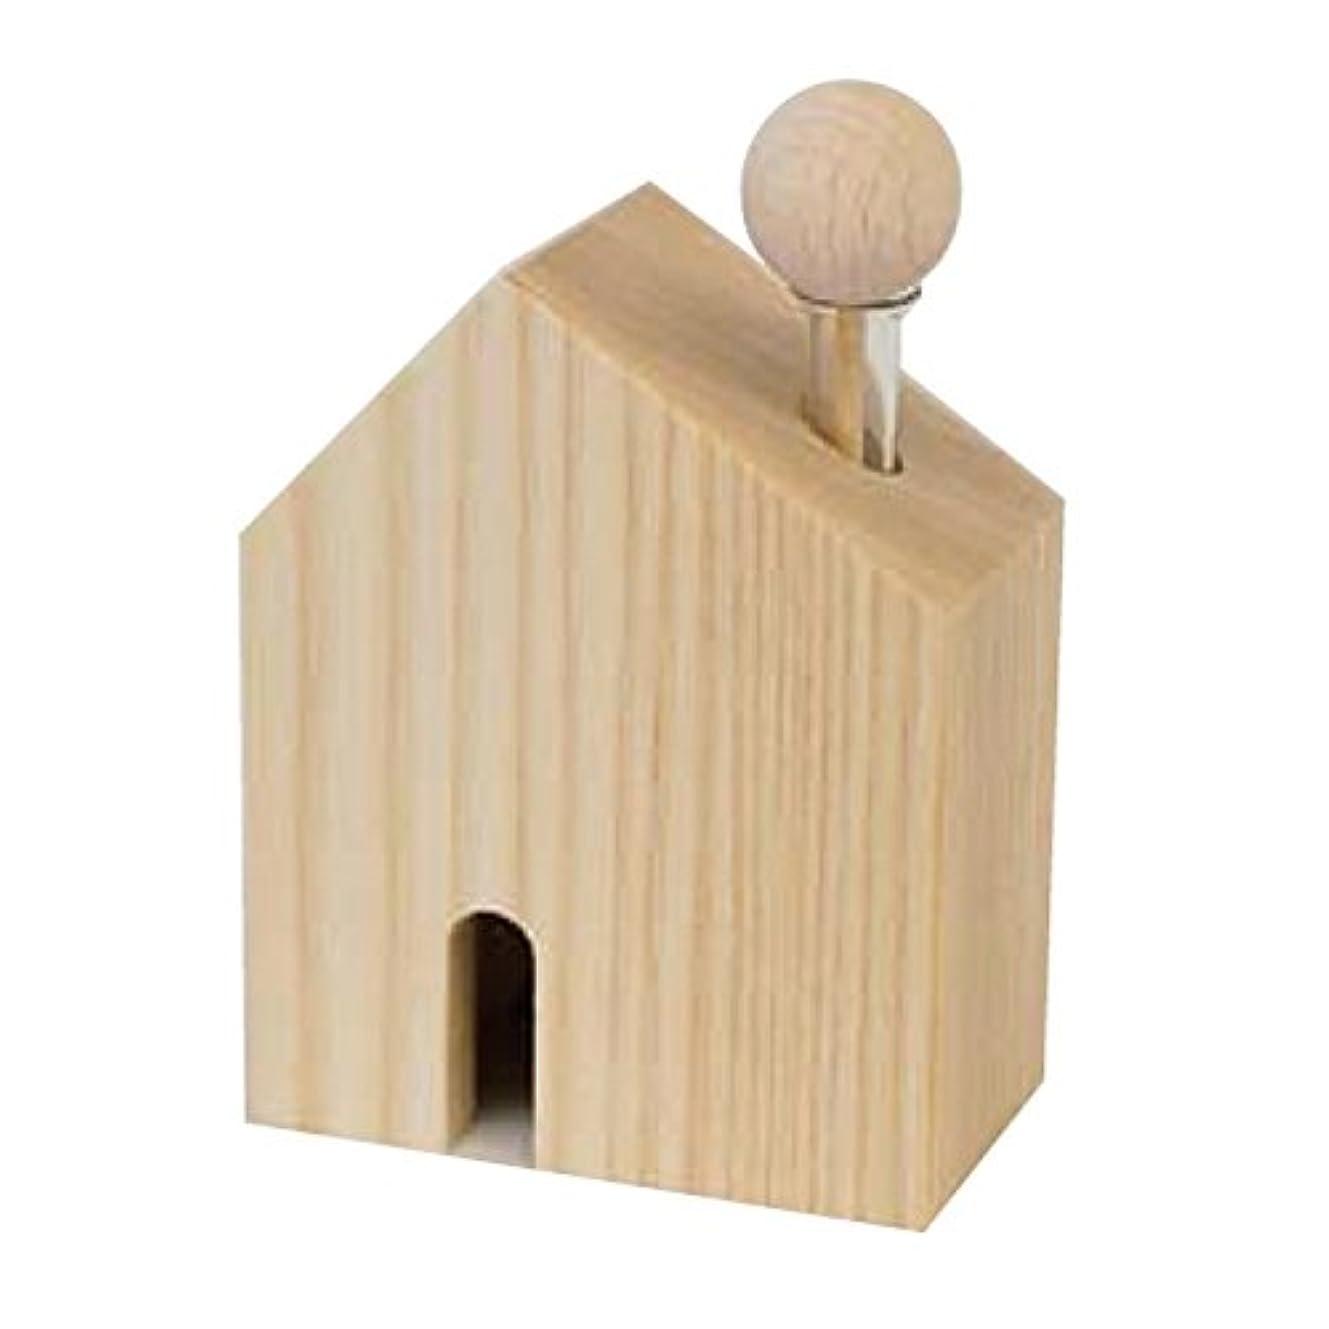 わざわざそのようなペットカリス成城 アロマ芳香器 木のお家